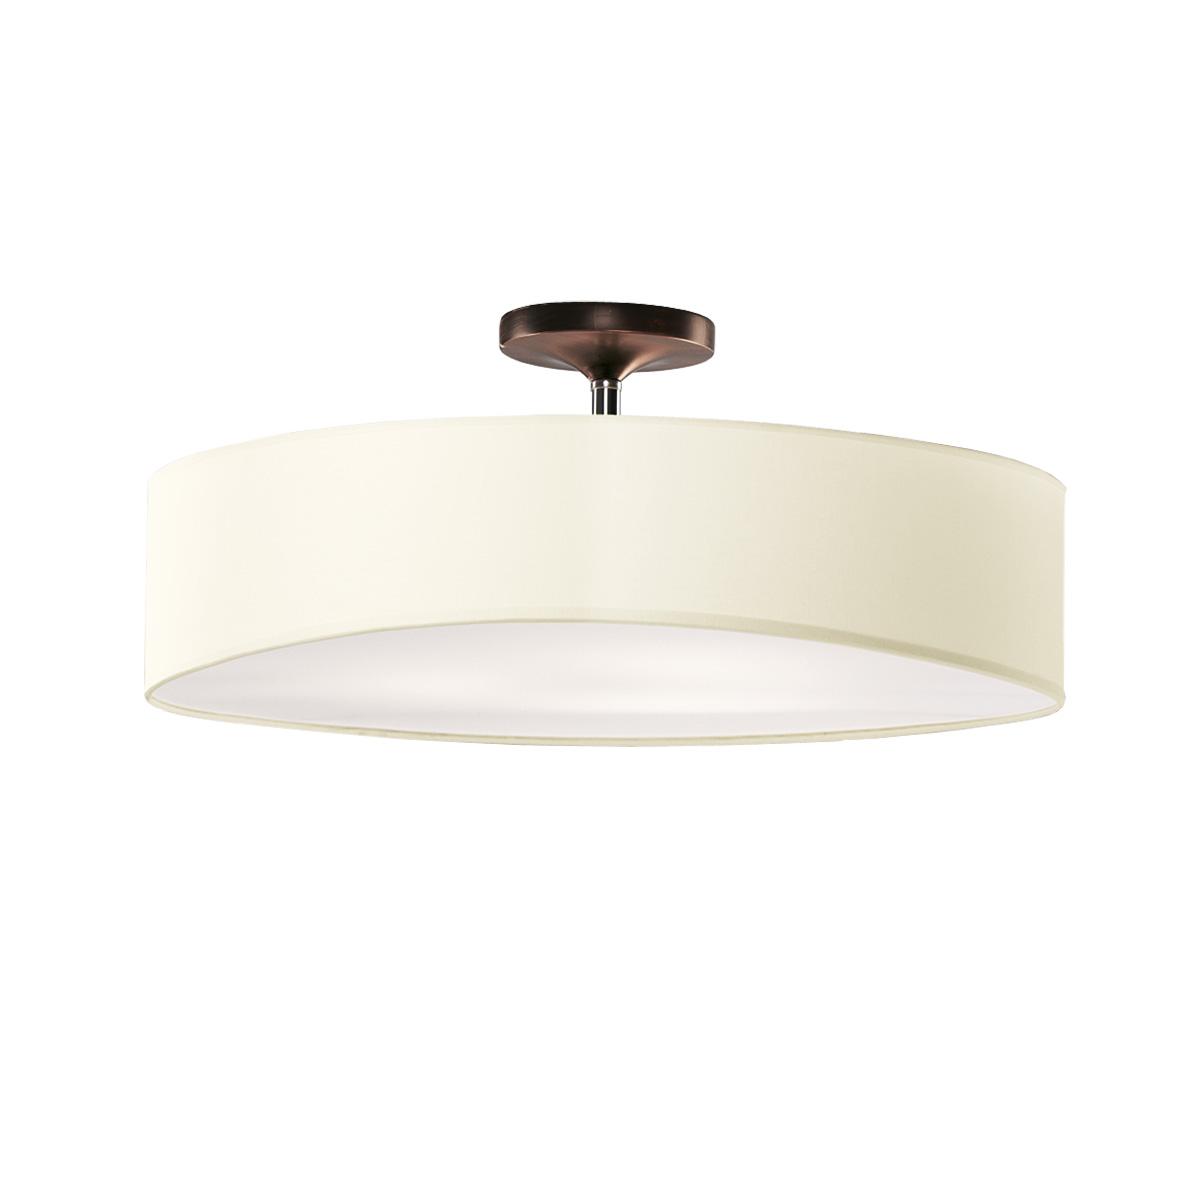 Φωτιστικό ημιοροφής με μπεζ καπέλο DISCO ZEN ceiling lamp with beige shade